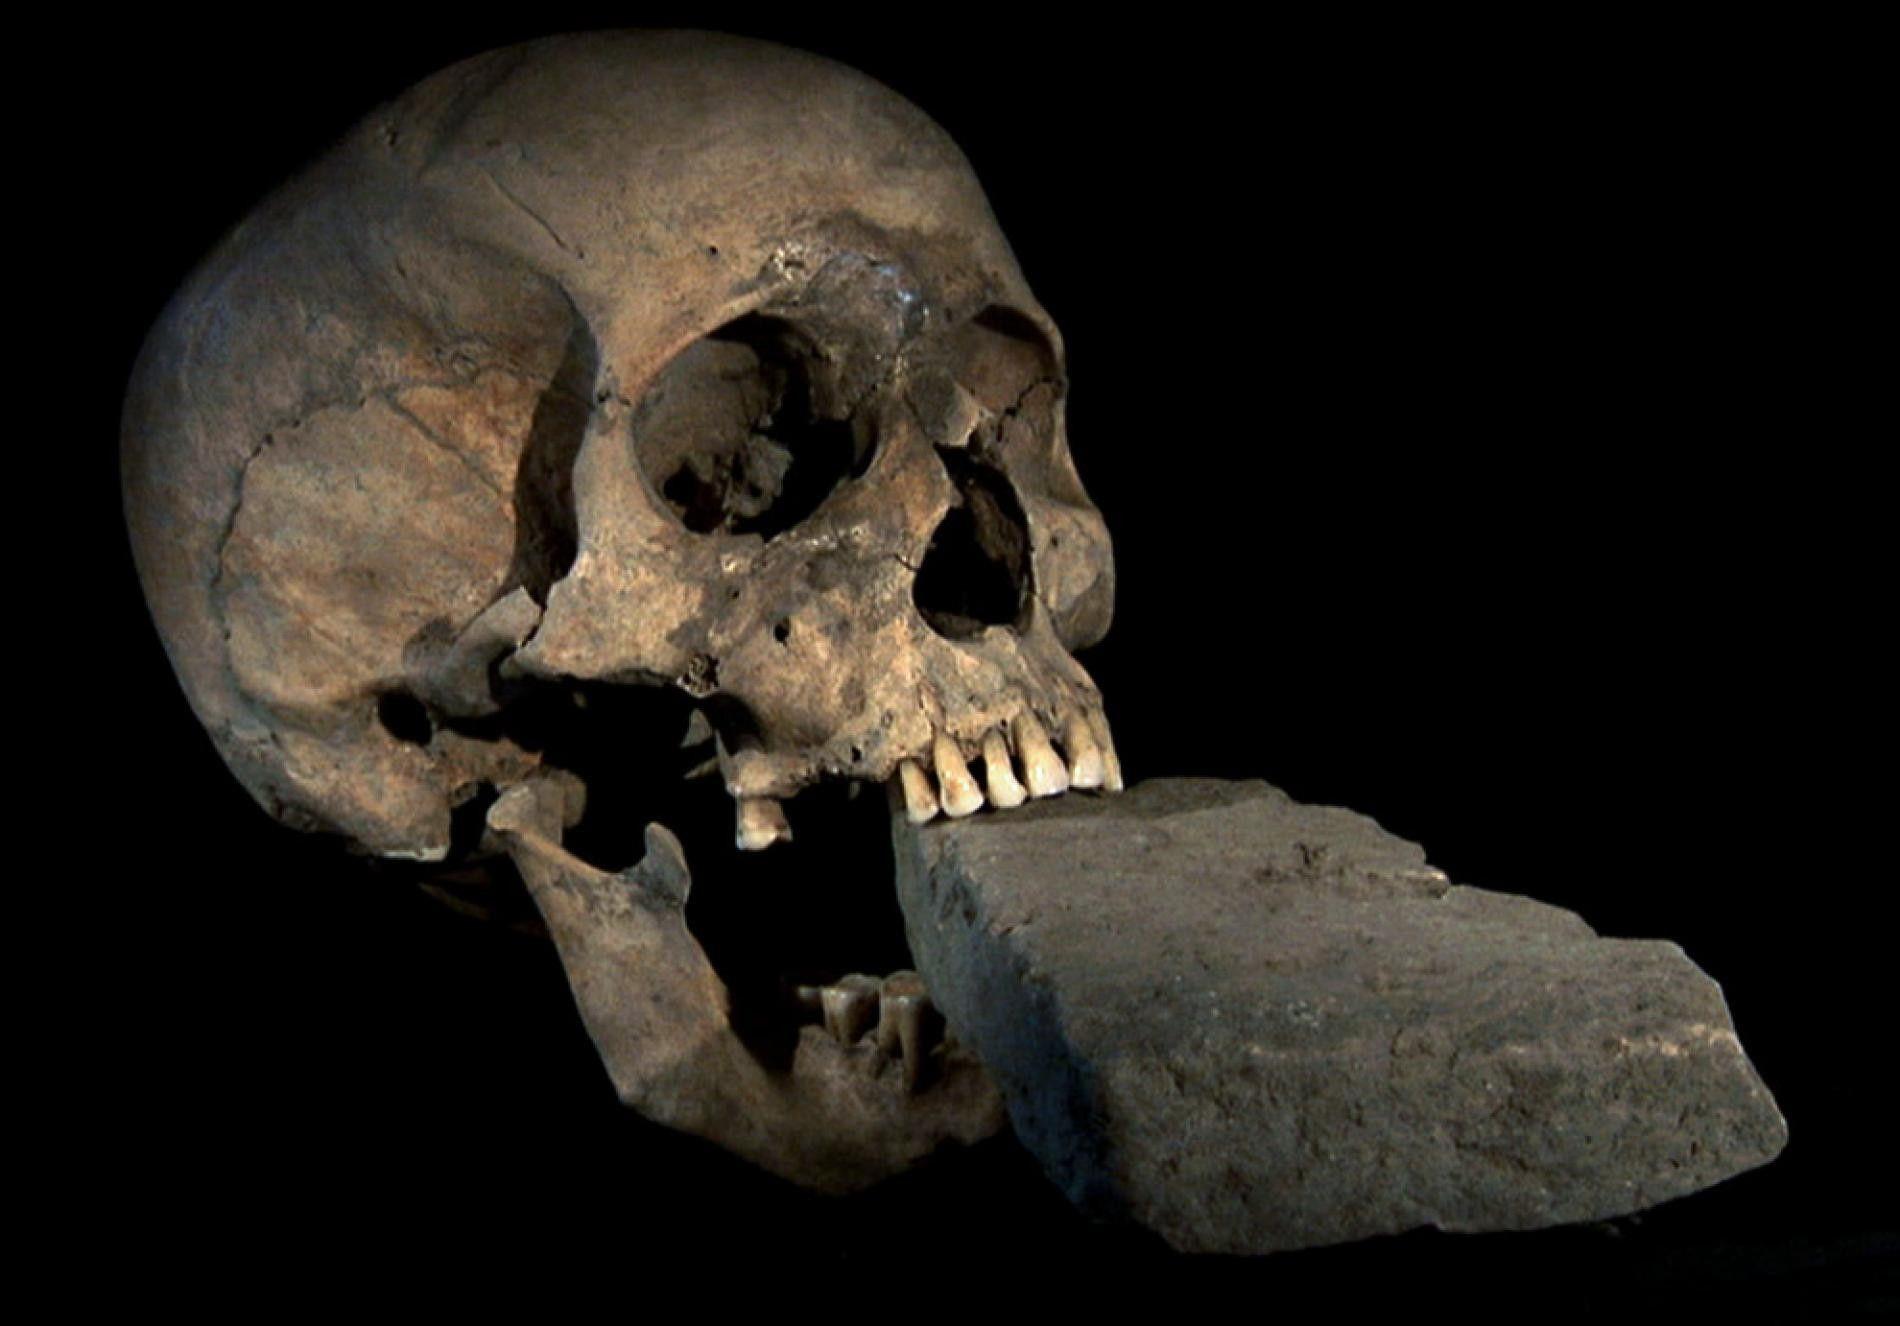 """Le crâne du """"vampire de Venise"""", retrouvé en 2009 dans une tombe de pestiférés à Venise, avait lui-aussi une pierre placée dans sa mâchoire."""